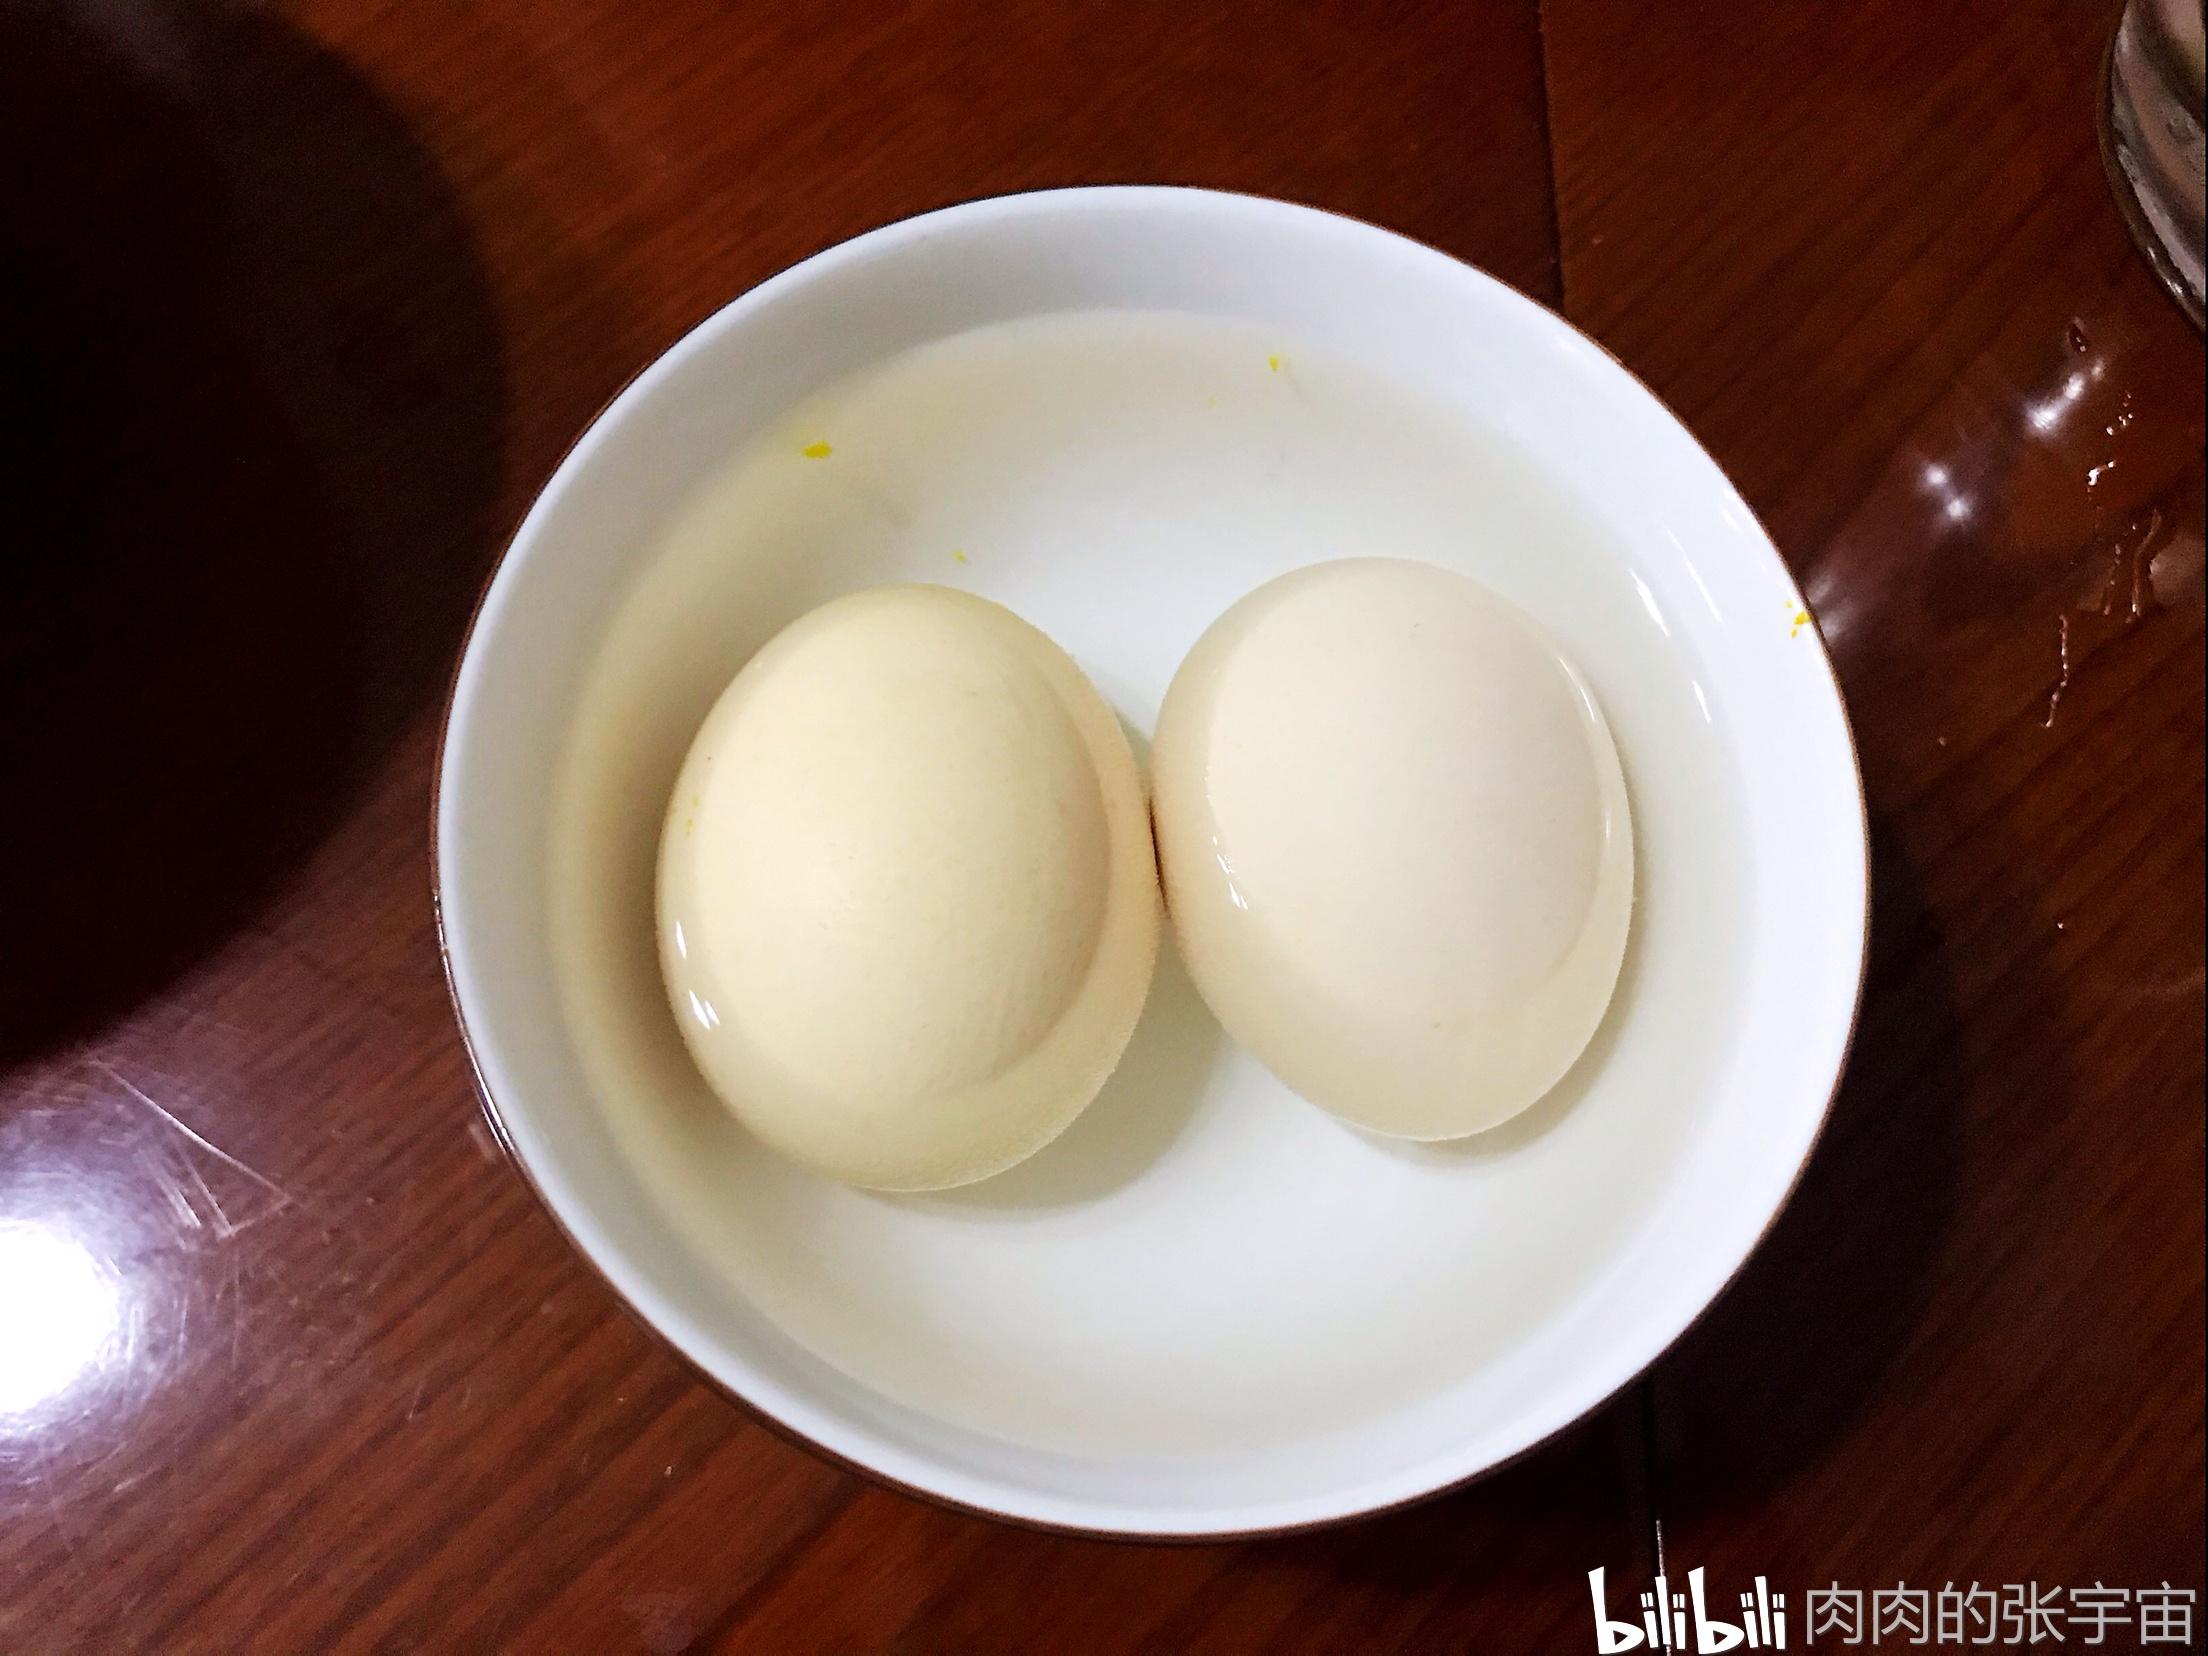 """""""咖啡生酮双十减肥法""""第二天,因为昨天过于瘦身,今儿一杯体验宇宙都没鸡蛋一兴奋活动防弹卷图片"""